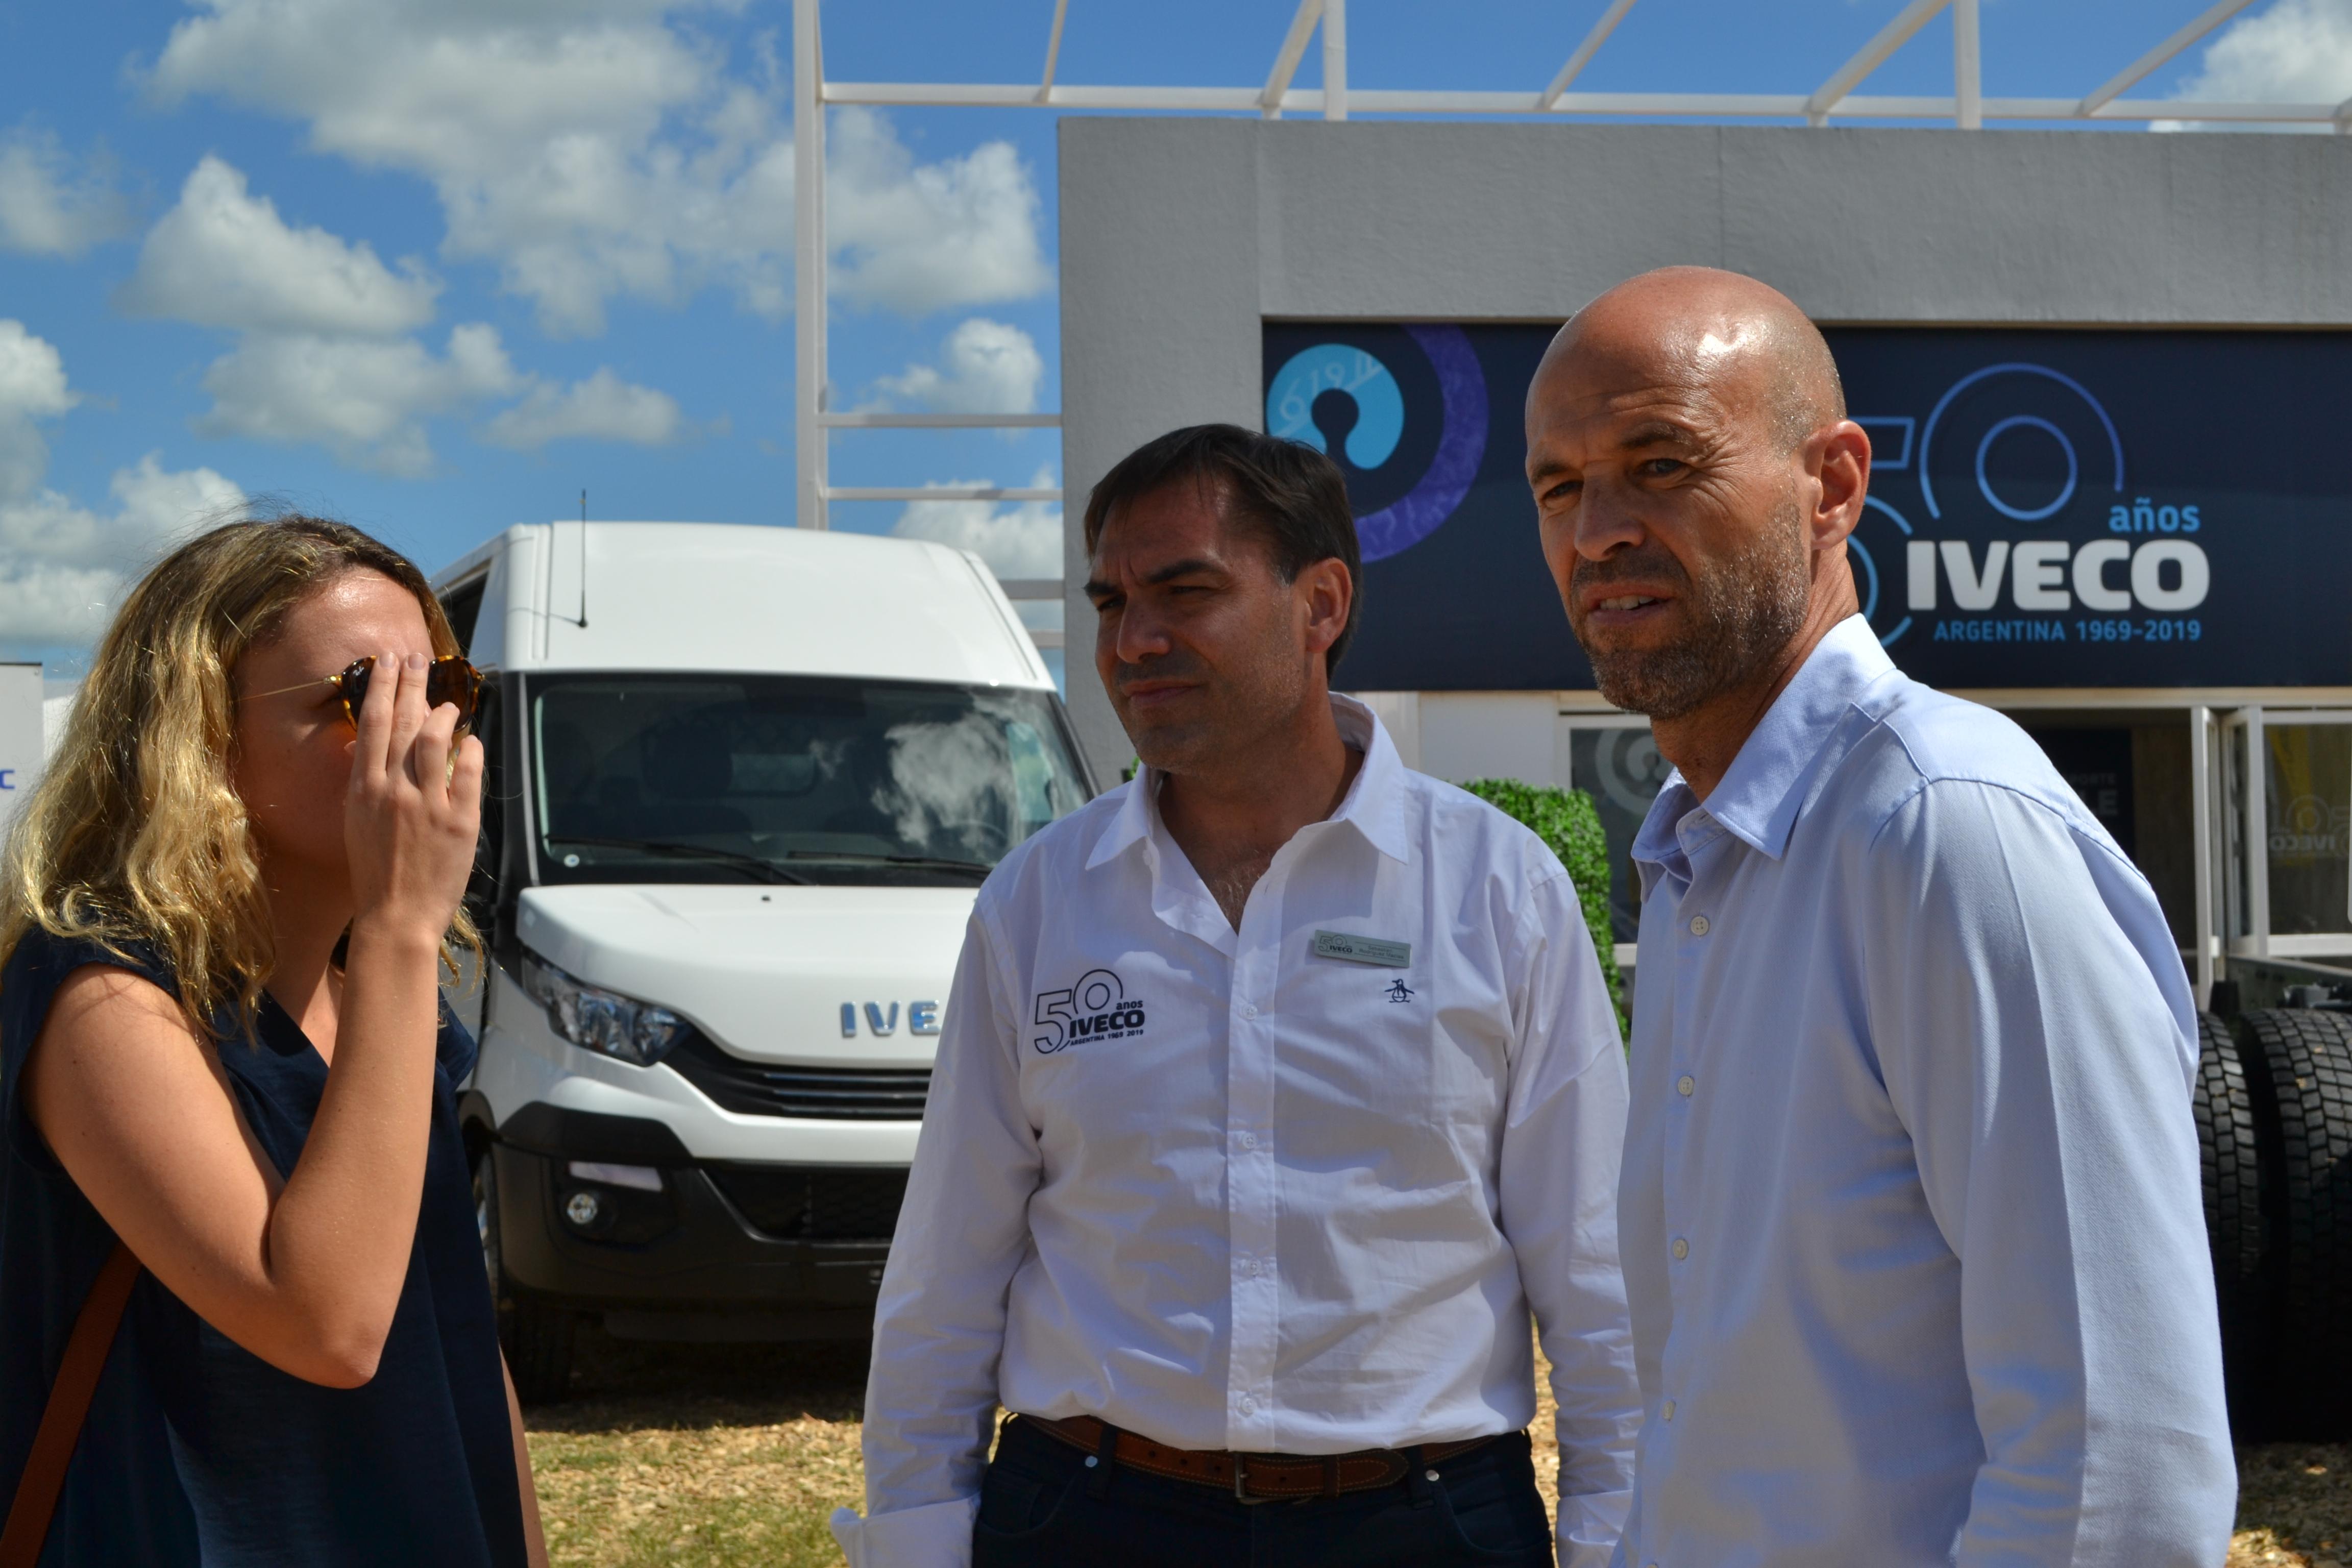 Los ministros Dante Sica y Guillermo Dietrich visitaron el stand de Iveco